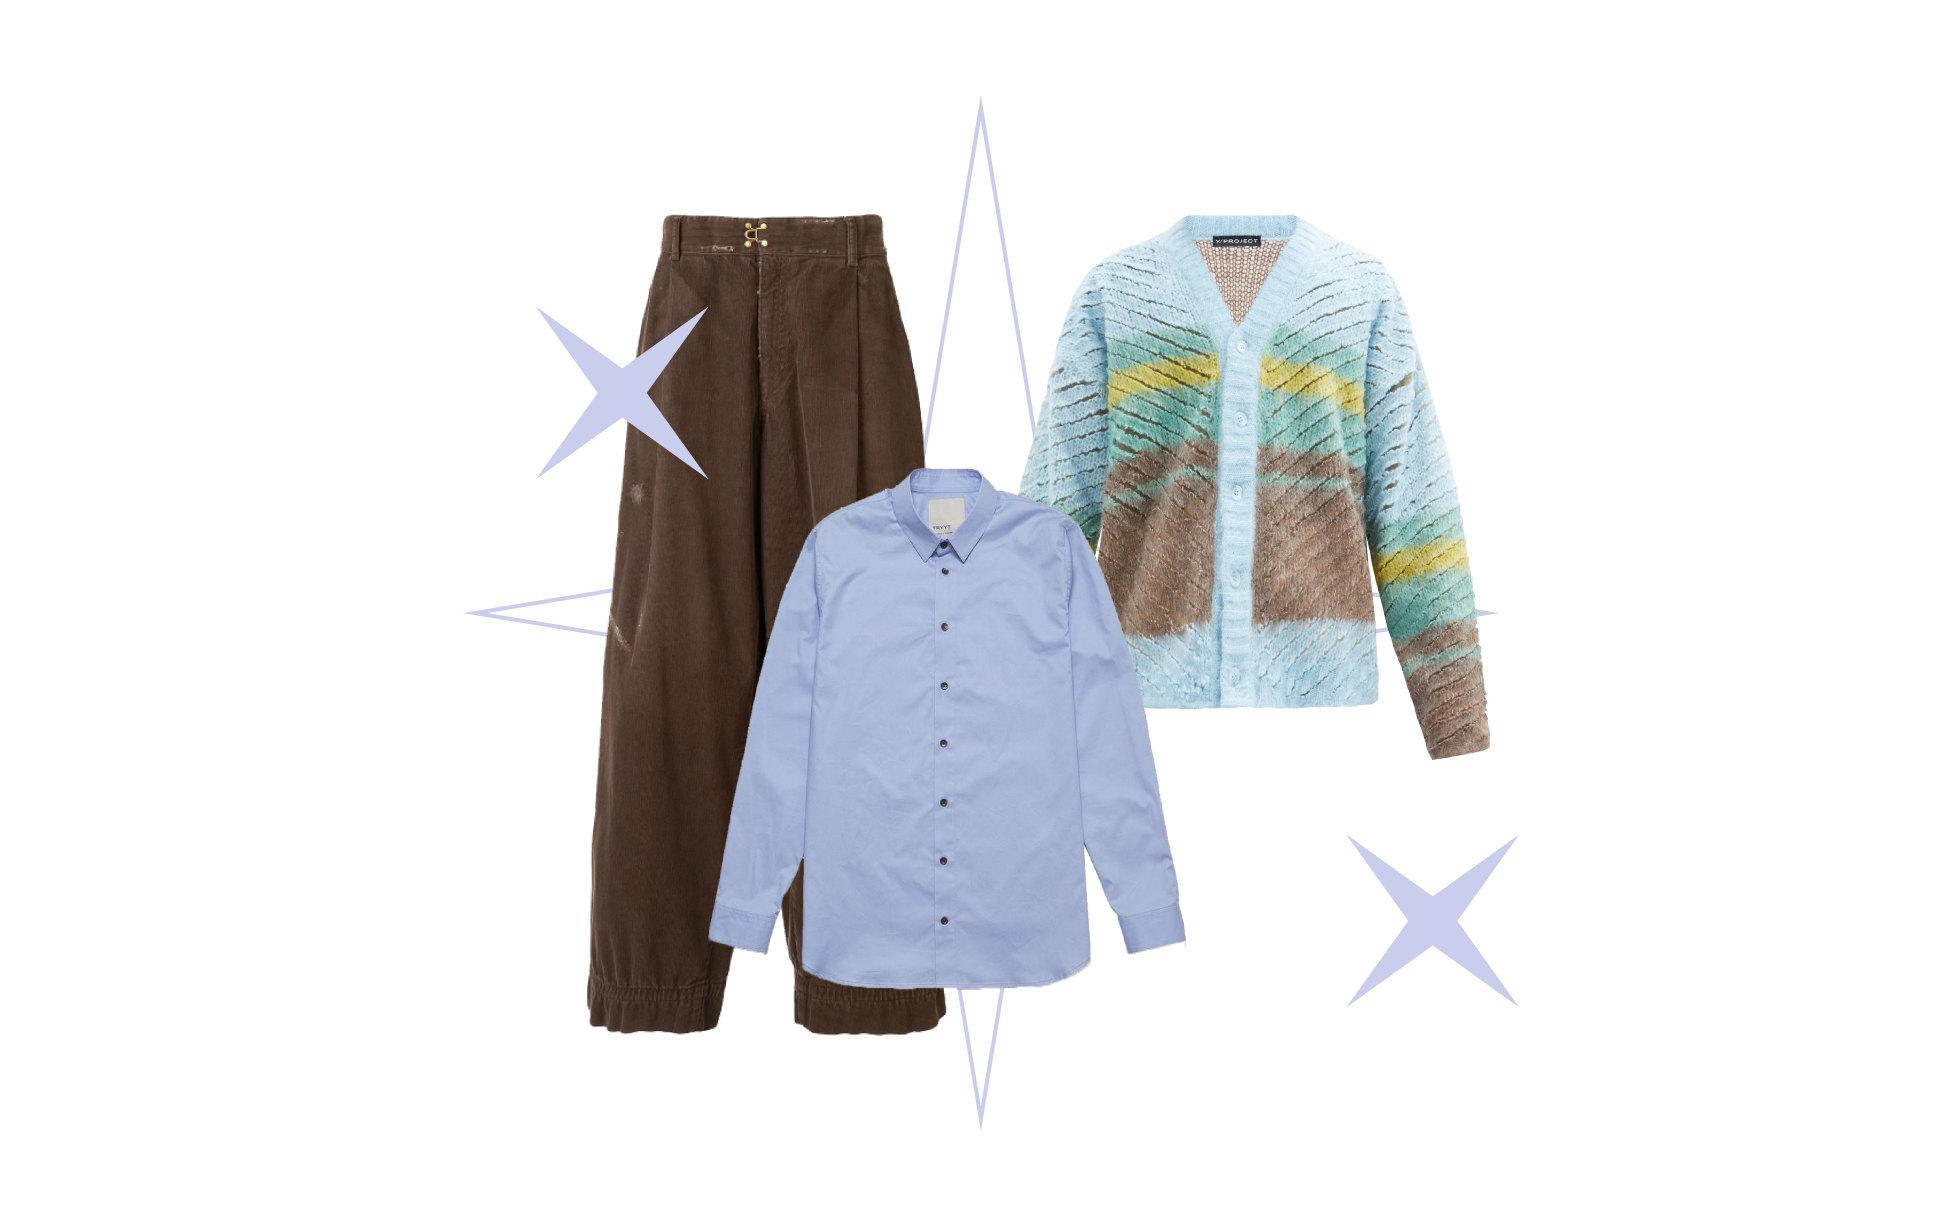 Кардиган Y/Project, €820; брюки Kolor, 40 880 руб.; рубашка Tryyt, 6 800 pуб.